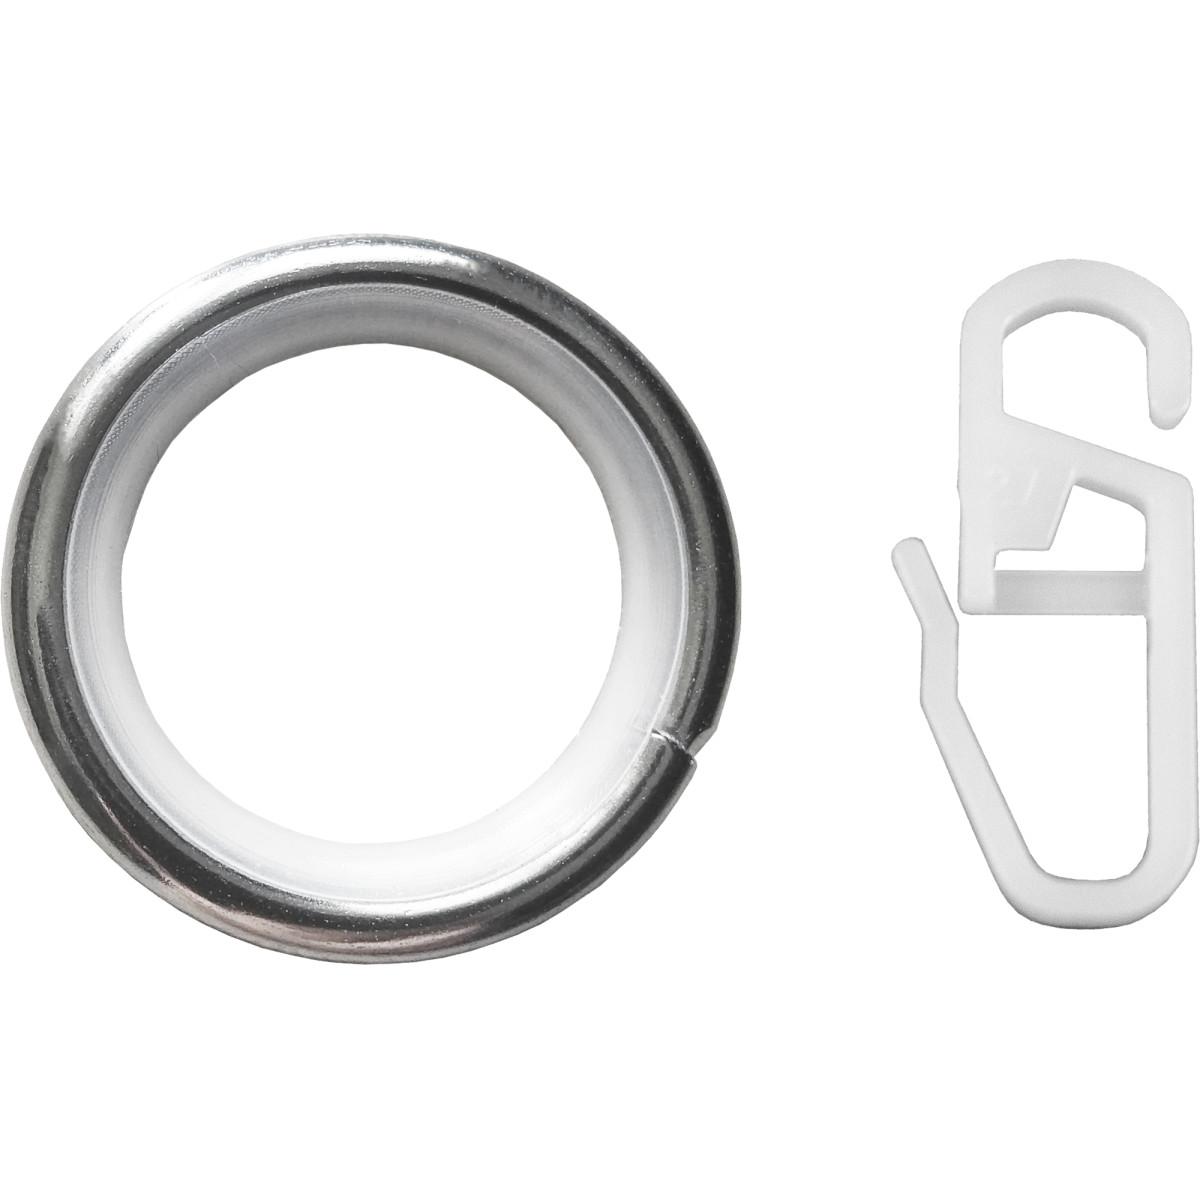 Кольцо с крючком металл цвет хром 2 см 10 шт.